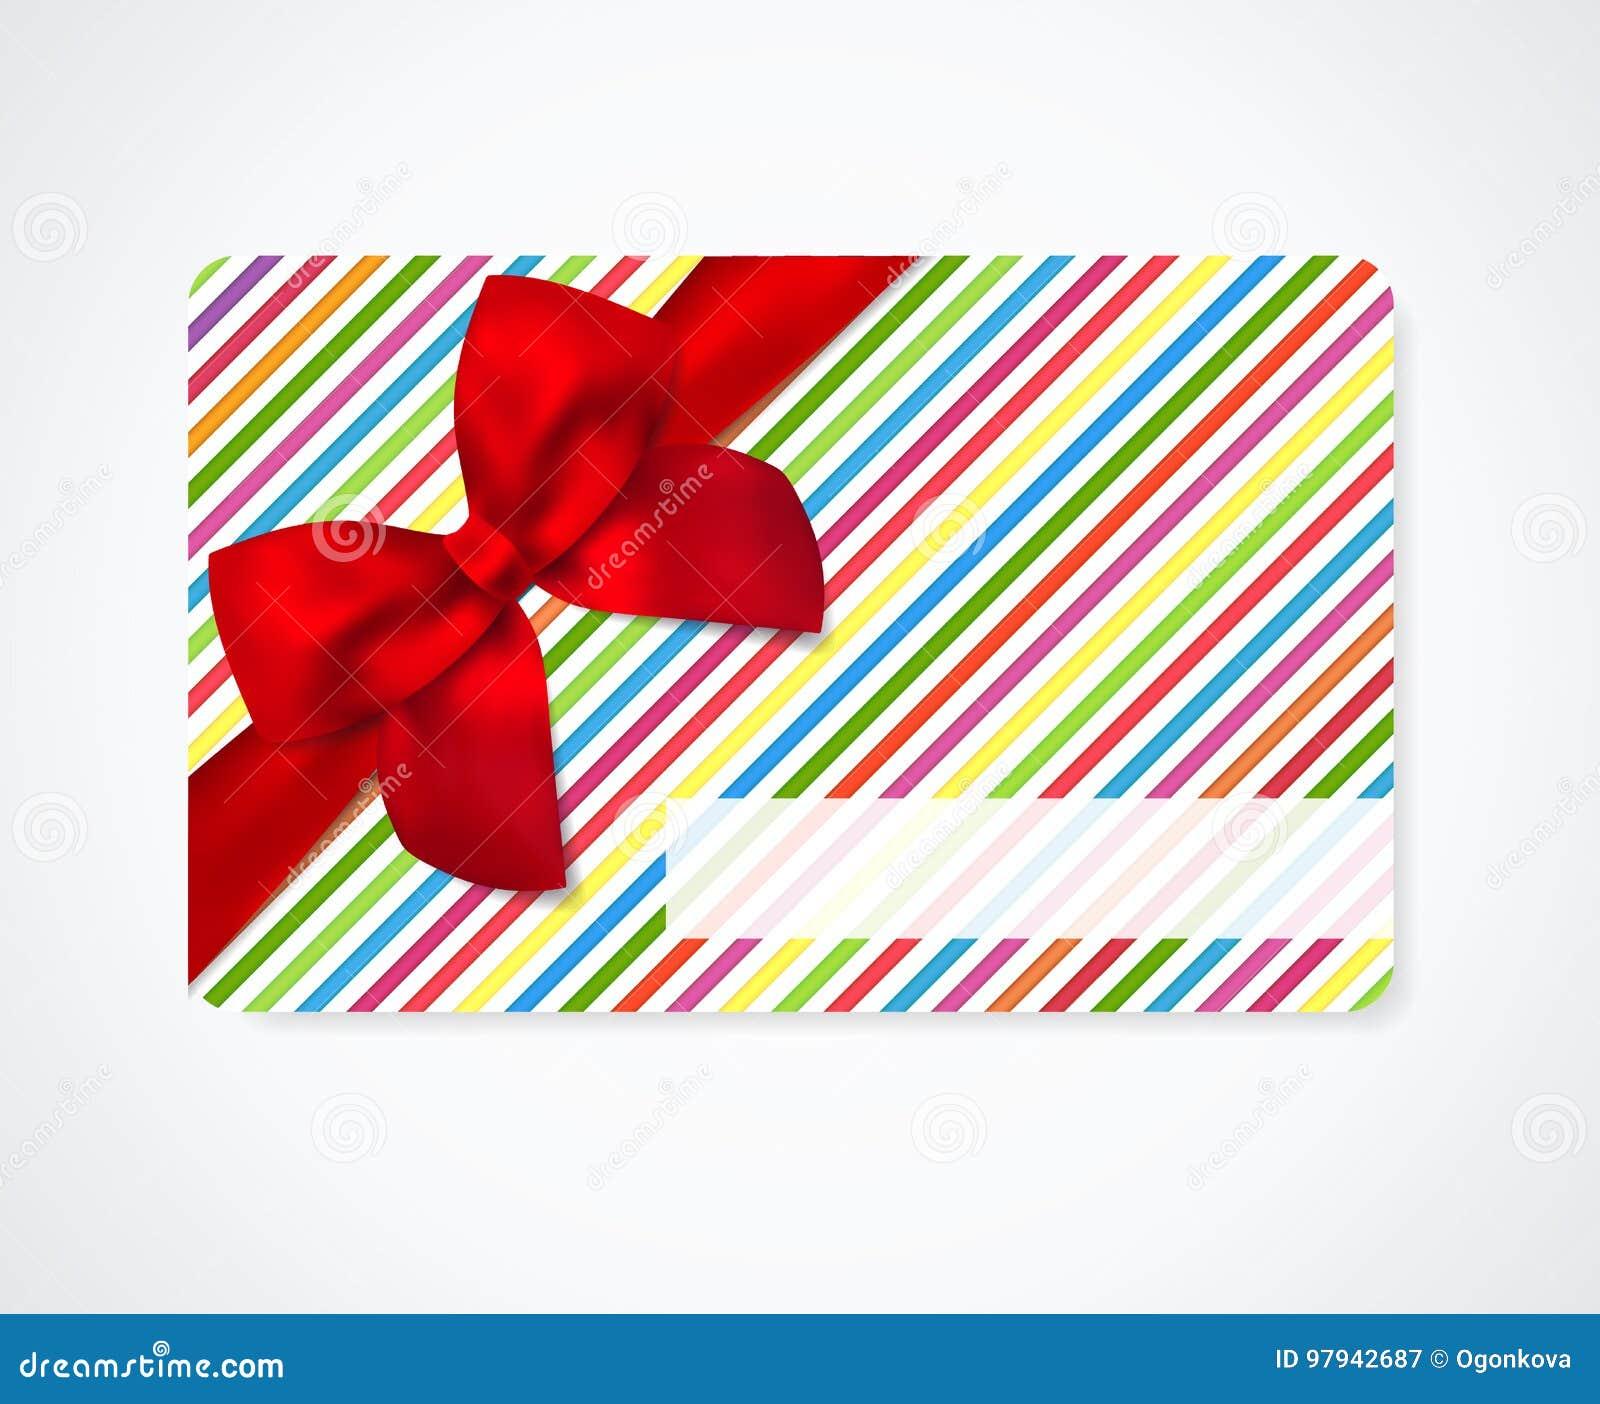 La Cupon Del Regalo Tarjeta Del Descuento Del Carte Cadeaux Tarjeta De Visita Con El Modelo Rayado Alinea Cinta Roja Del Arco Ilustracion Del Vector Ilustracion De Alinea Cadeaux 97942687